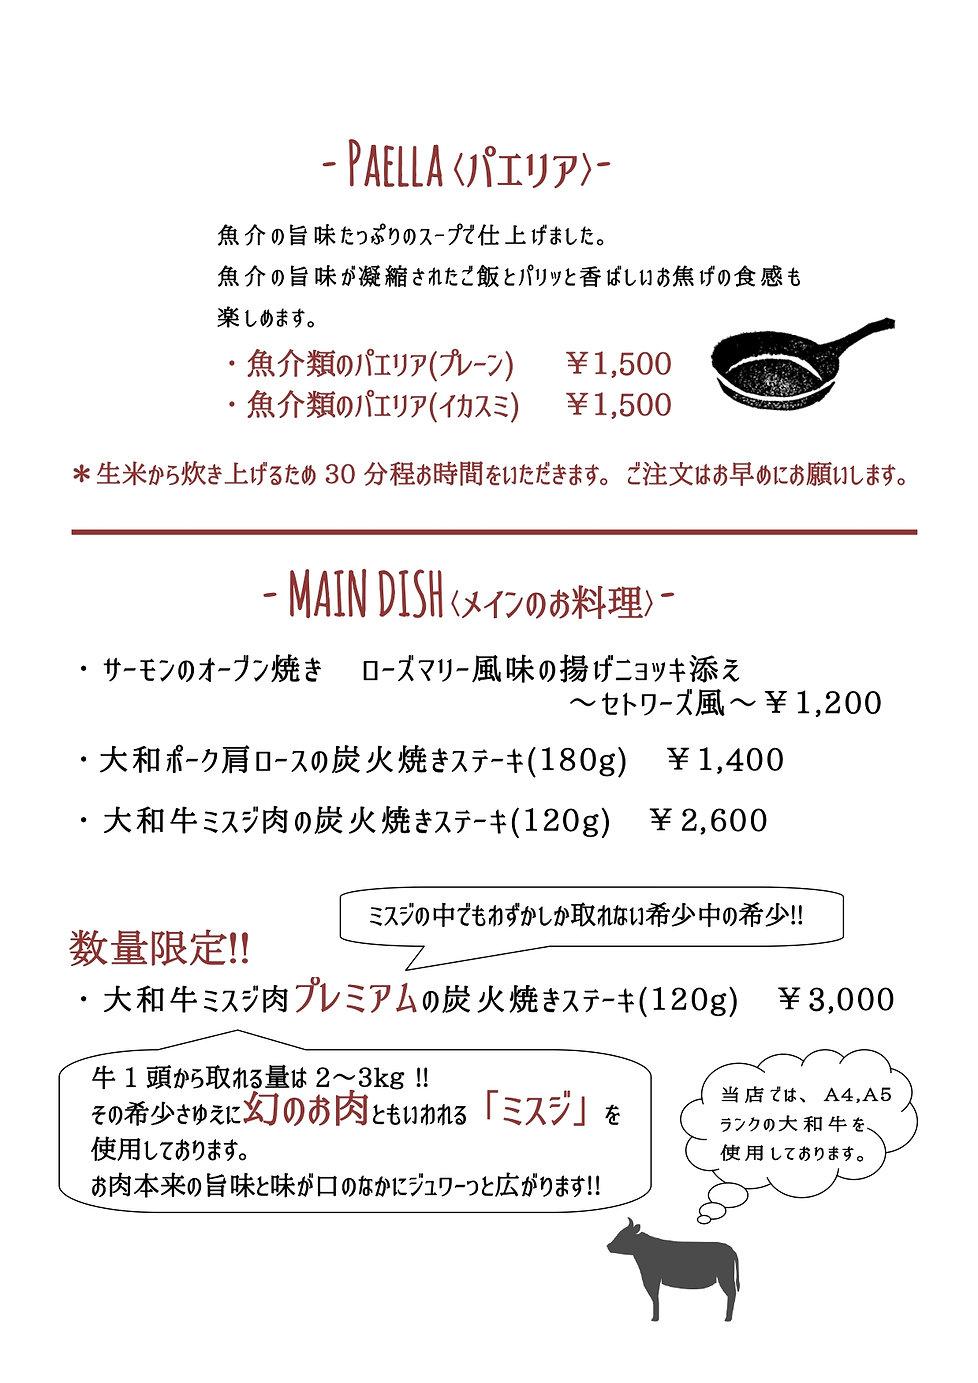 12.24ディナーメニュー3 - 変更_page-0001(3).jpg